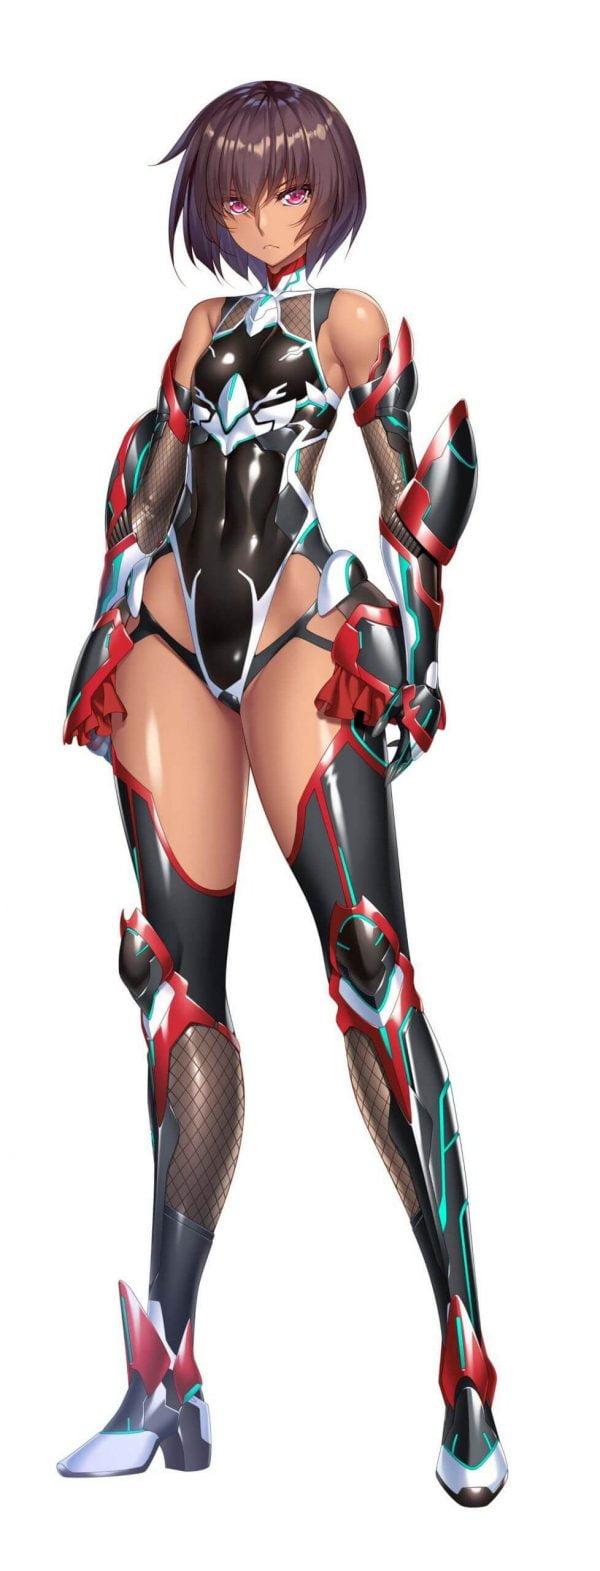 対魔忍RPGX, 対魔忍RPG, ソシャゲ 対魔忍RPGってソシャゲとしてはかなり当たりだと思ってる。